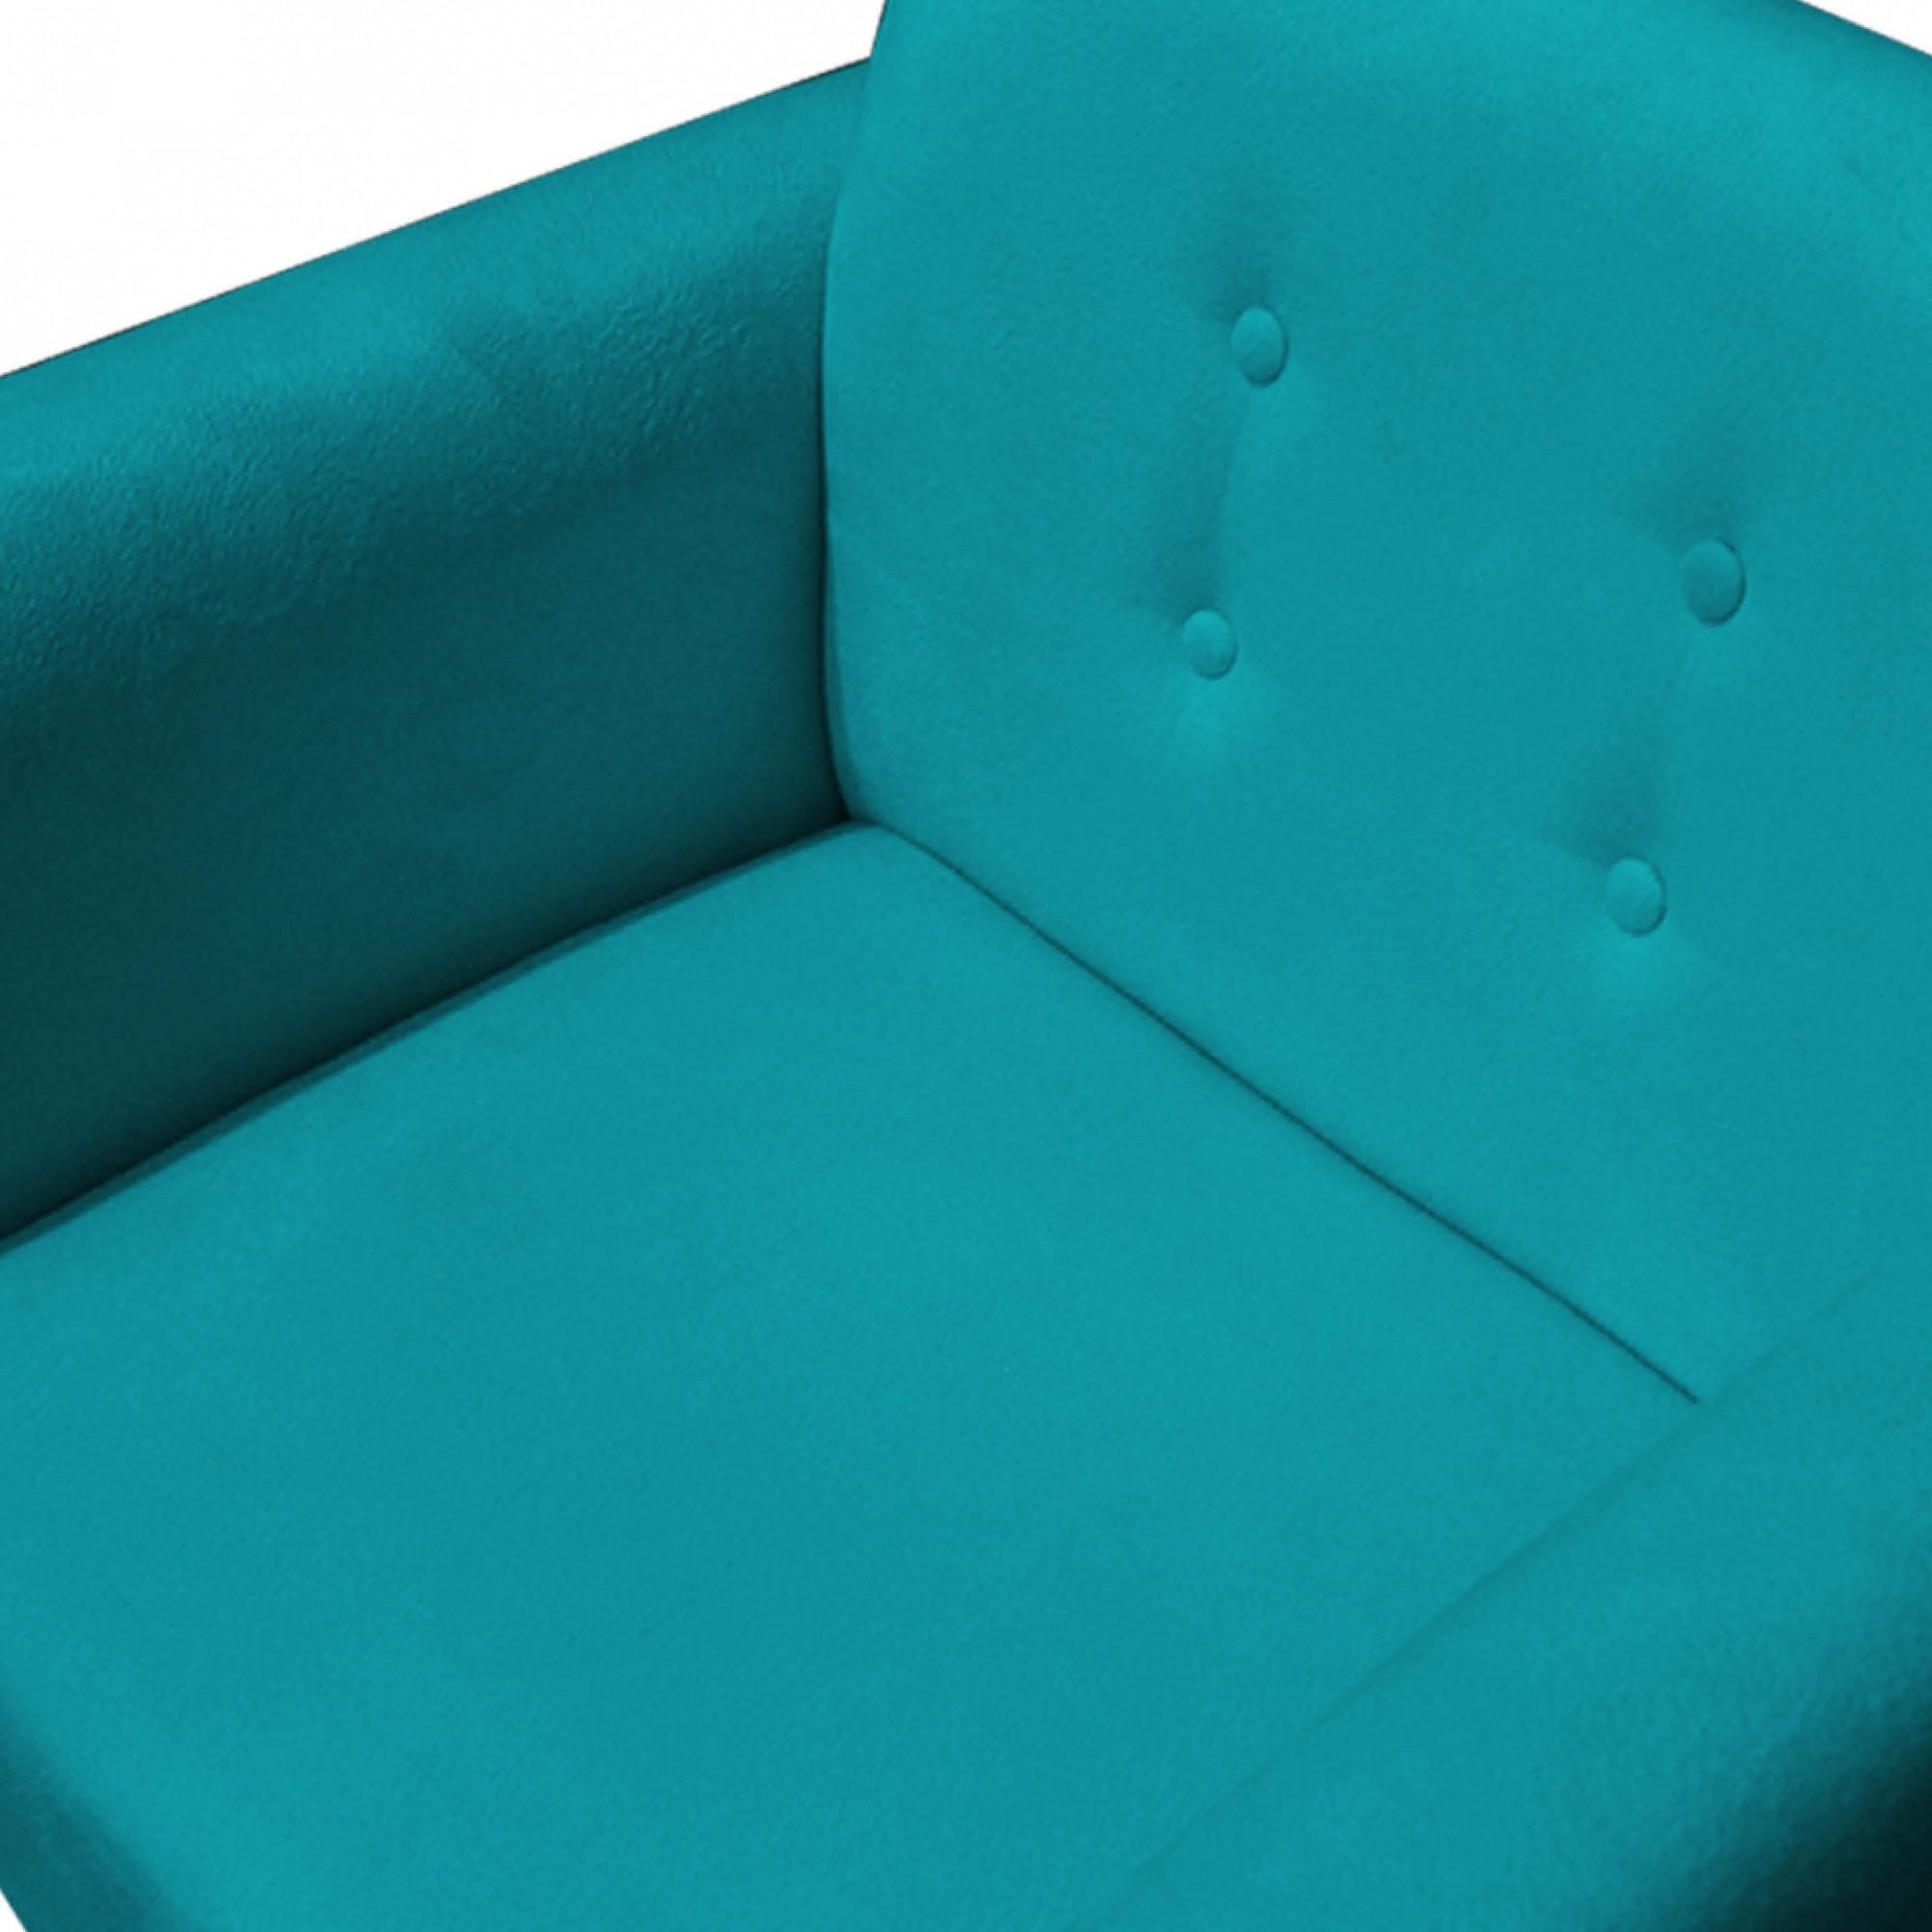 Poltrona Duda Decorativa Sala de Estar Recepção Pé Palito Suede Azul Tifany D05 - D´Classe Decor